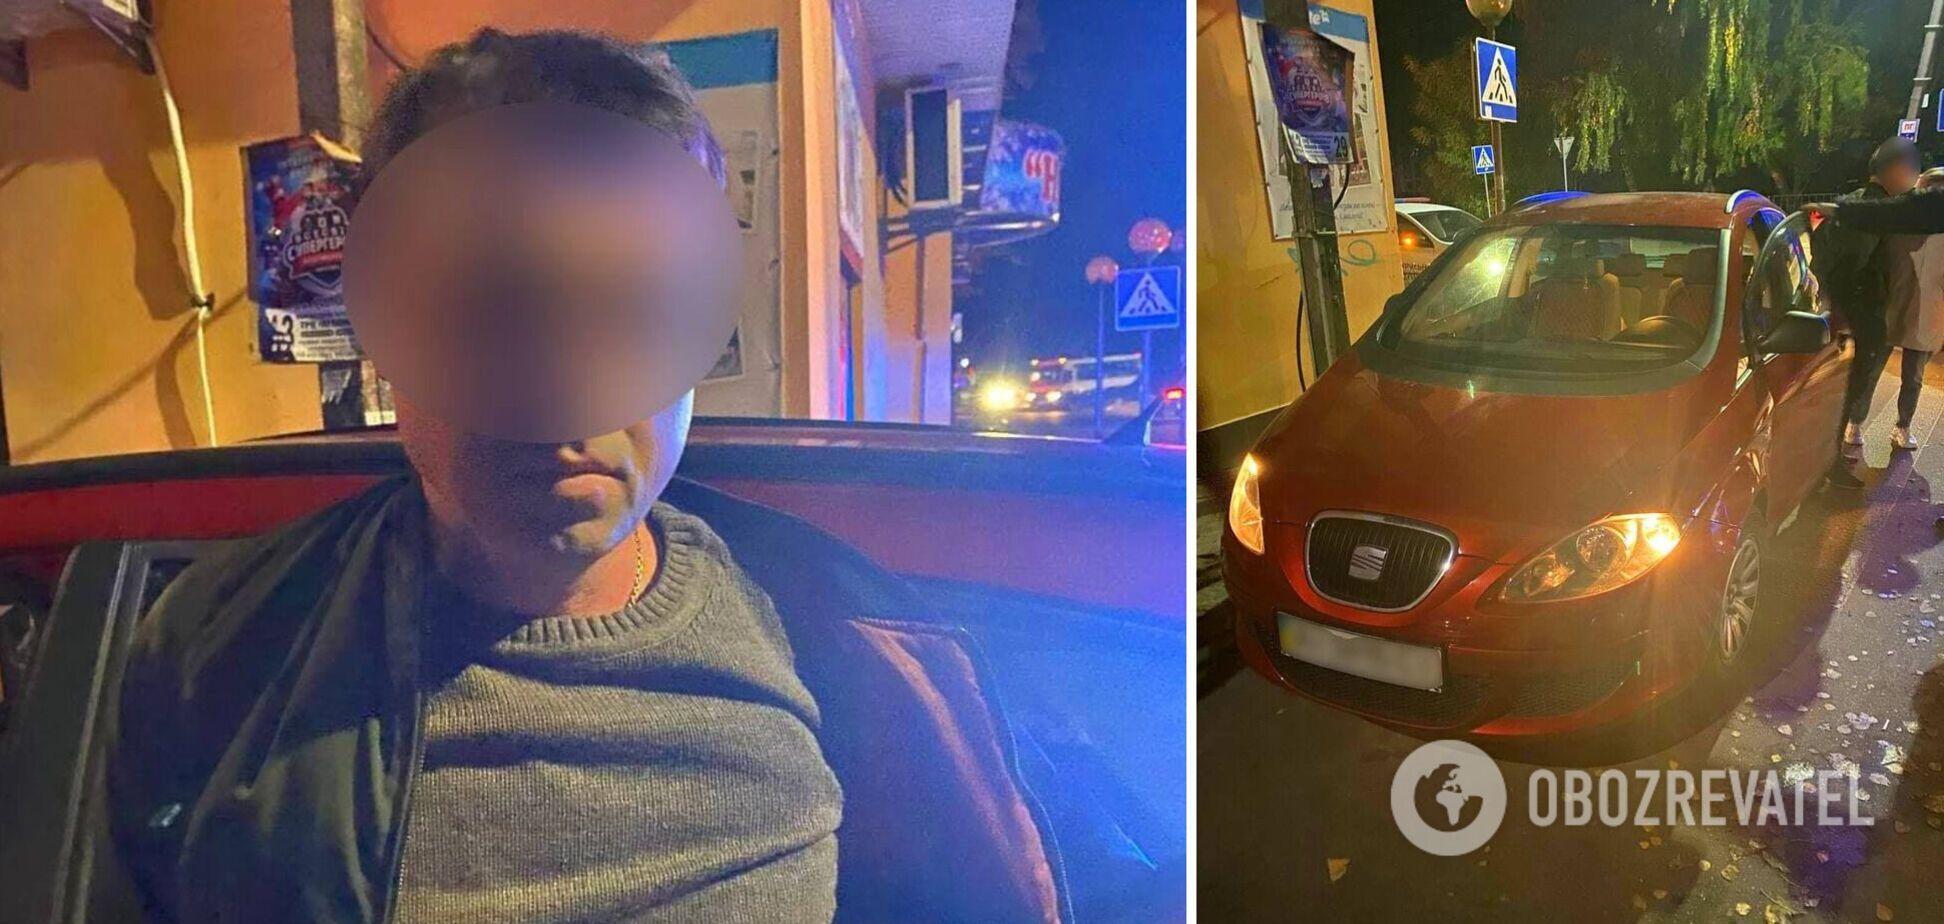 Под Киевом водитель сбил 12-летнюю девочку и скрылся: его задержали по горячим следам. Фото